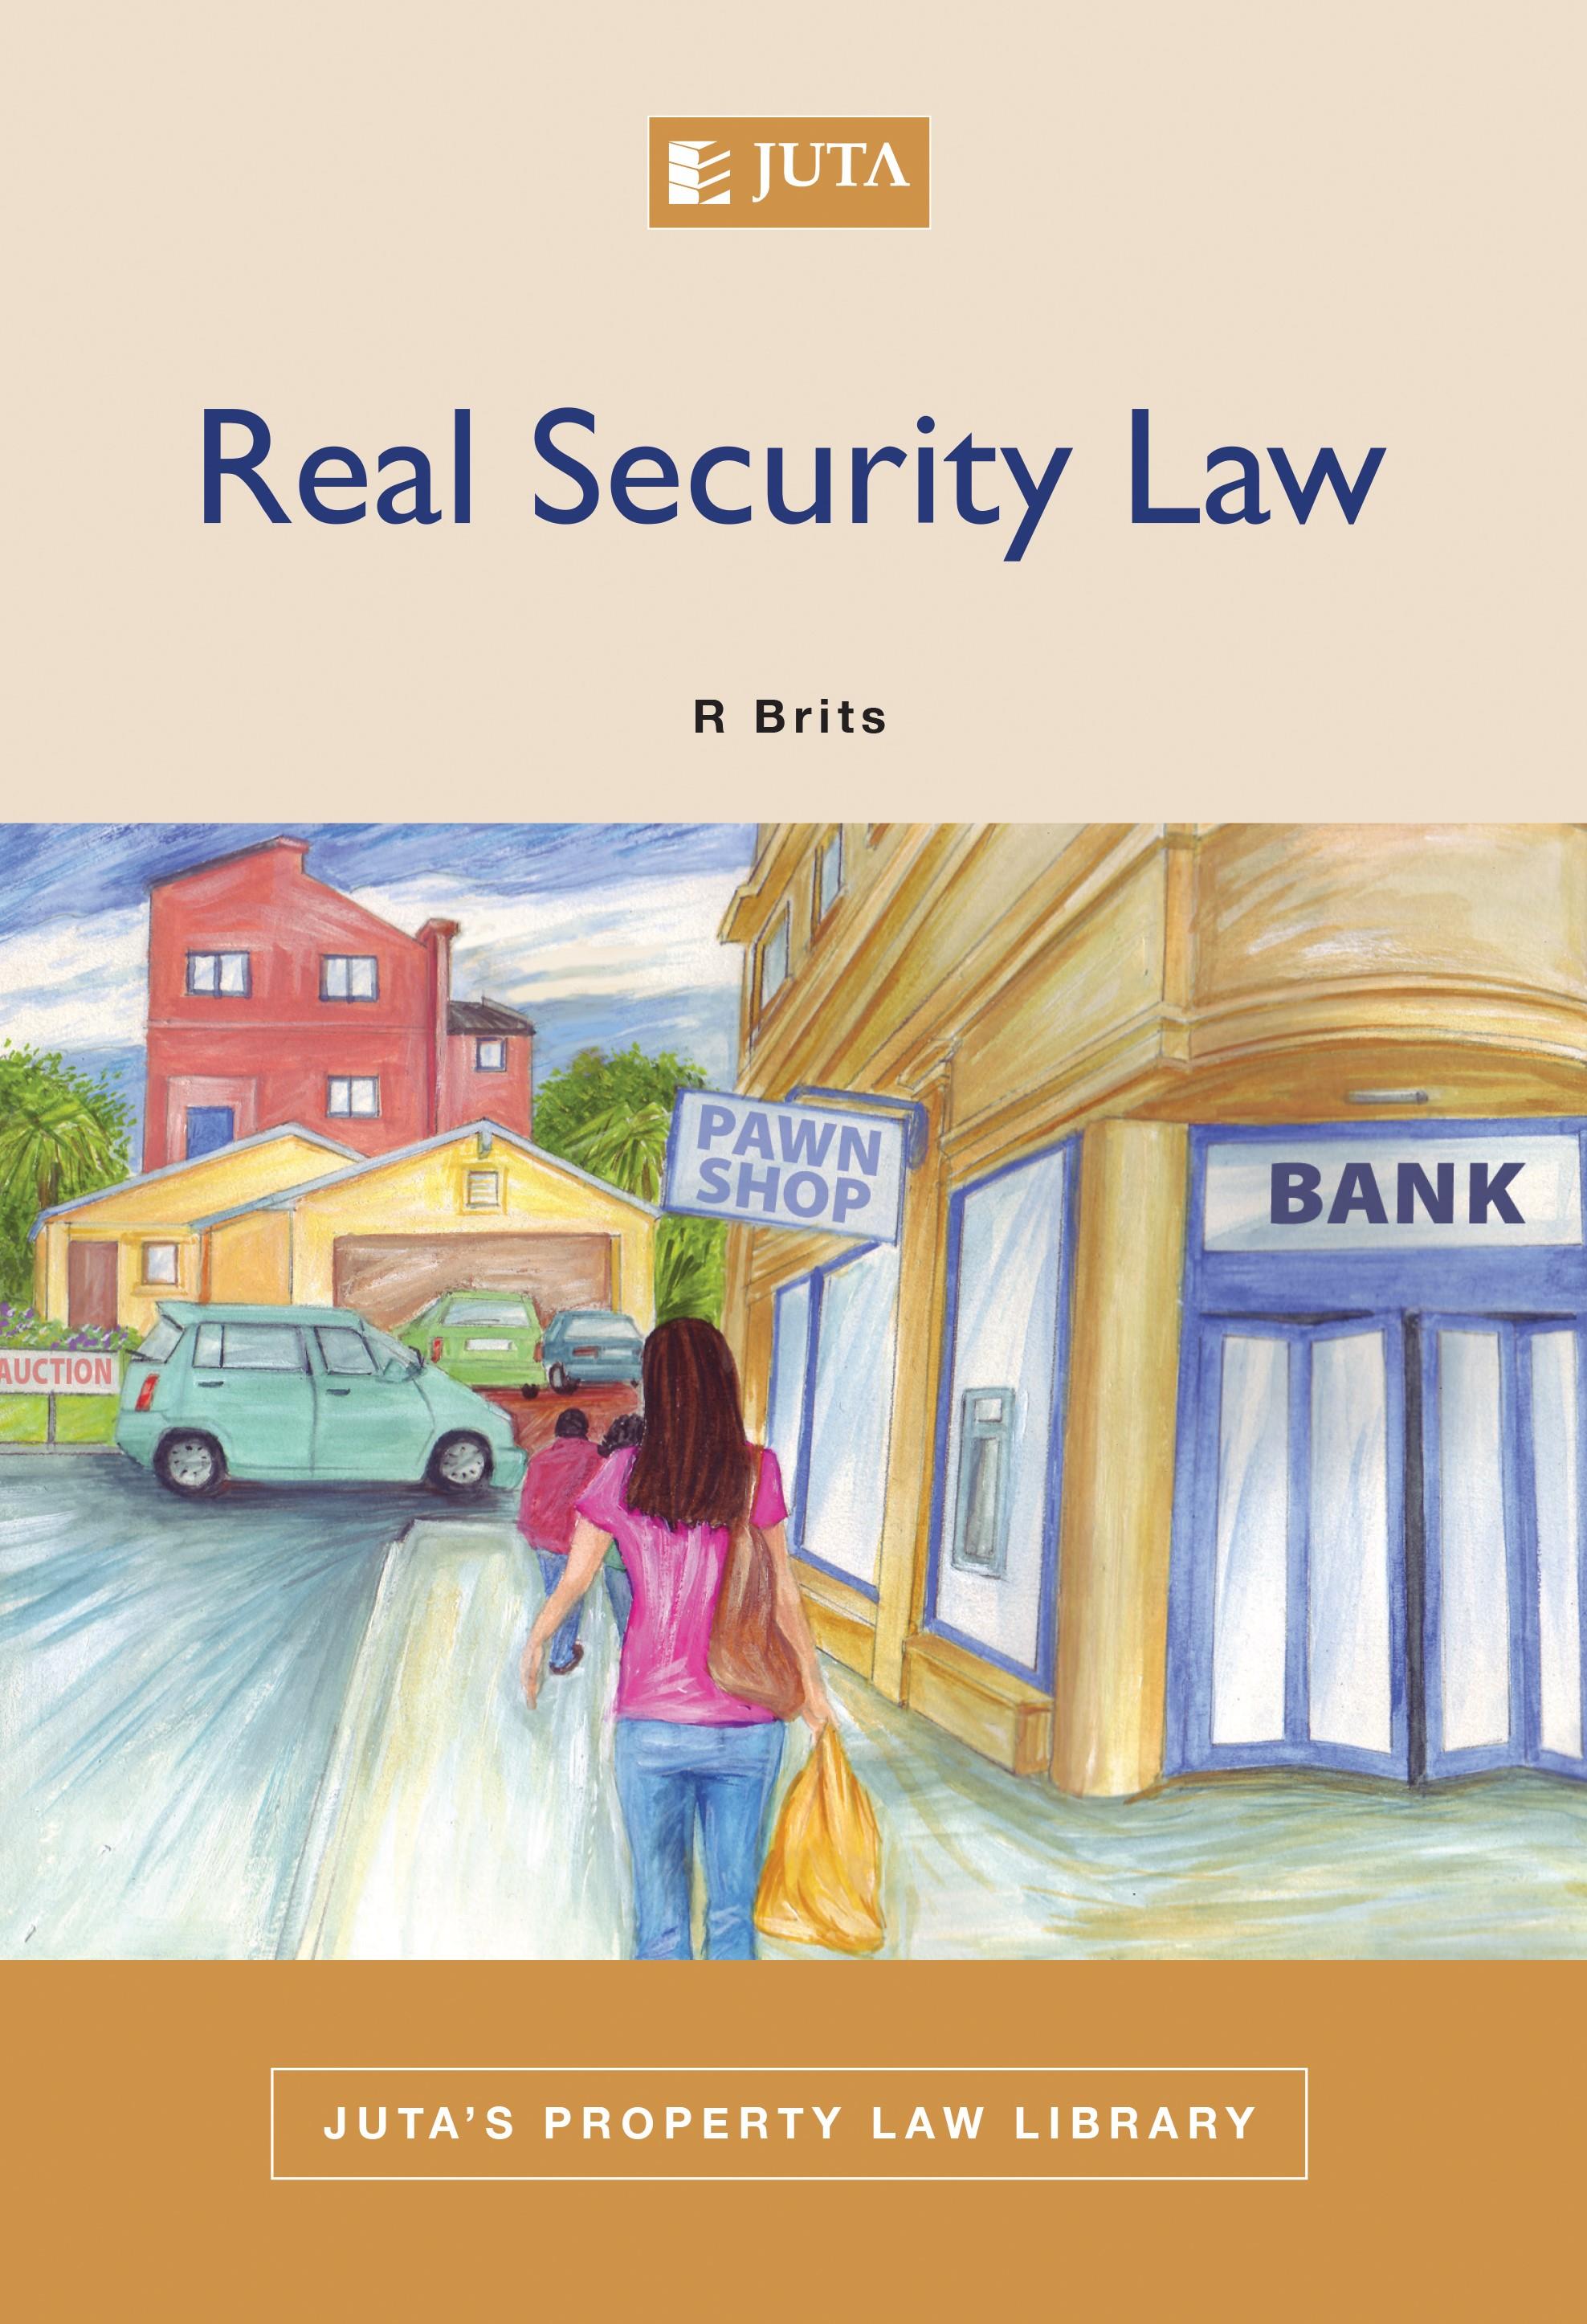 Real Security Law Juta